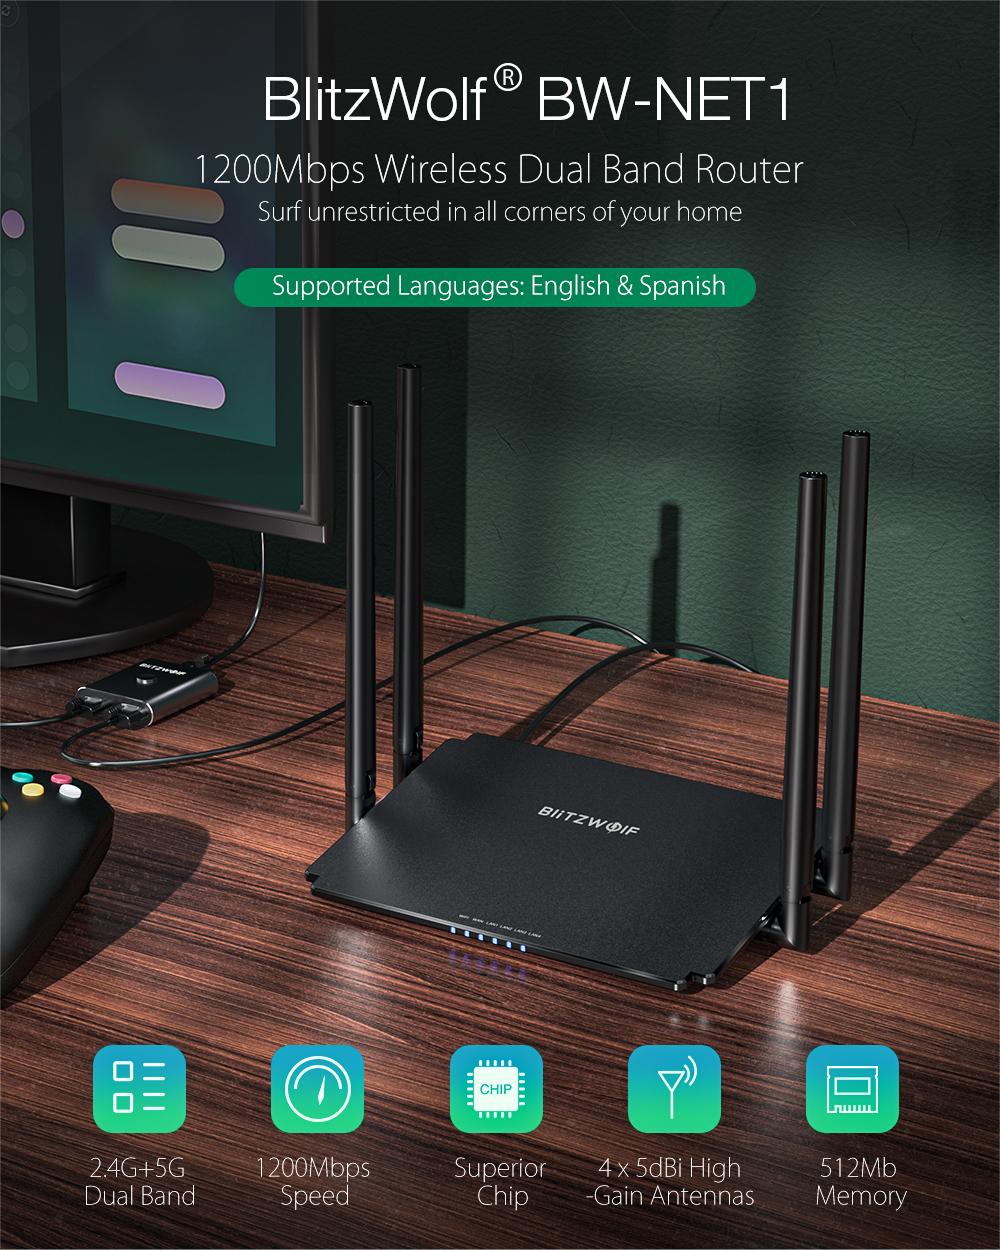 Blitzwolf BW-NET1 Router